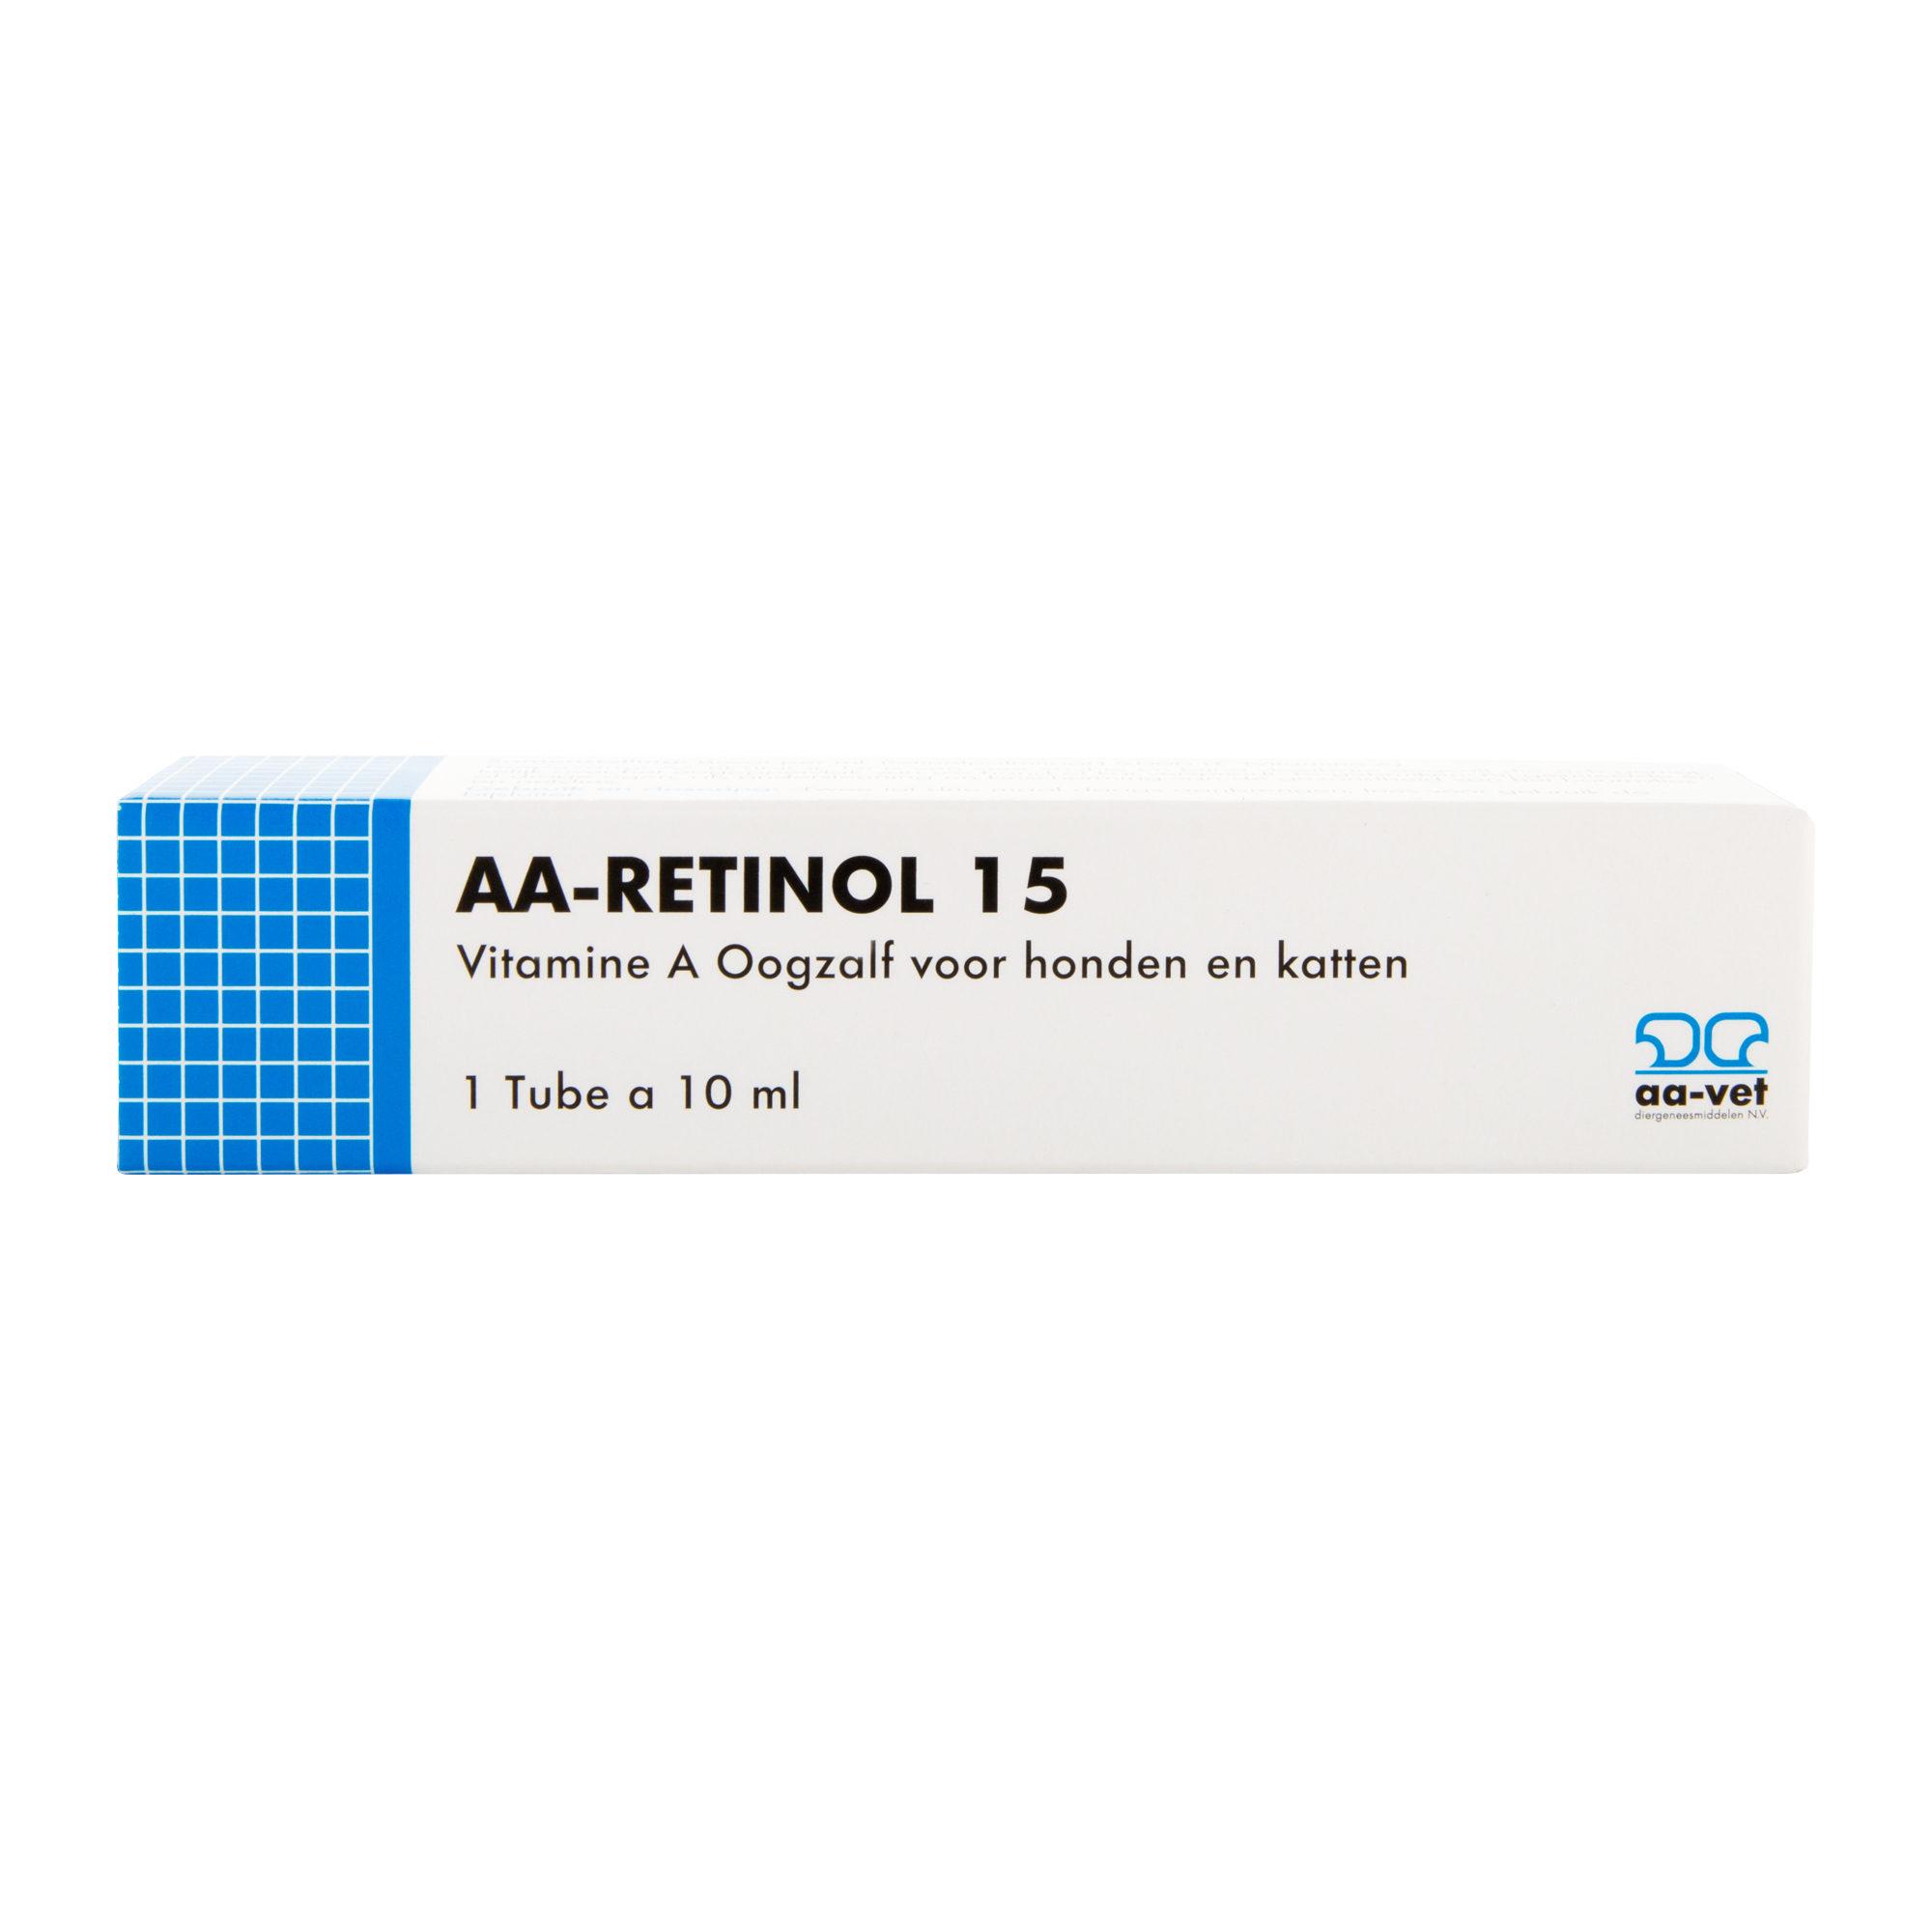 AA-Retinol 15 Augensalbe